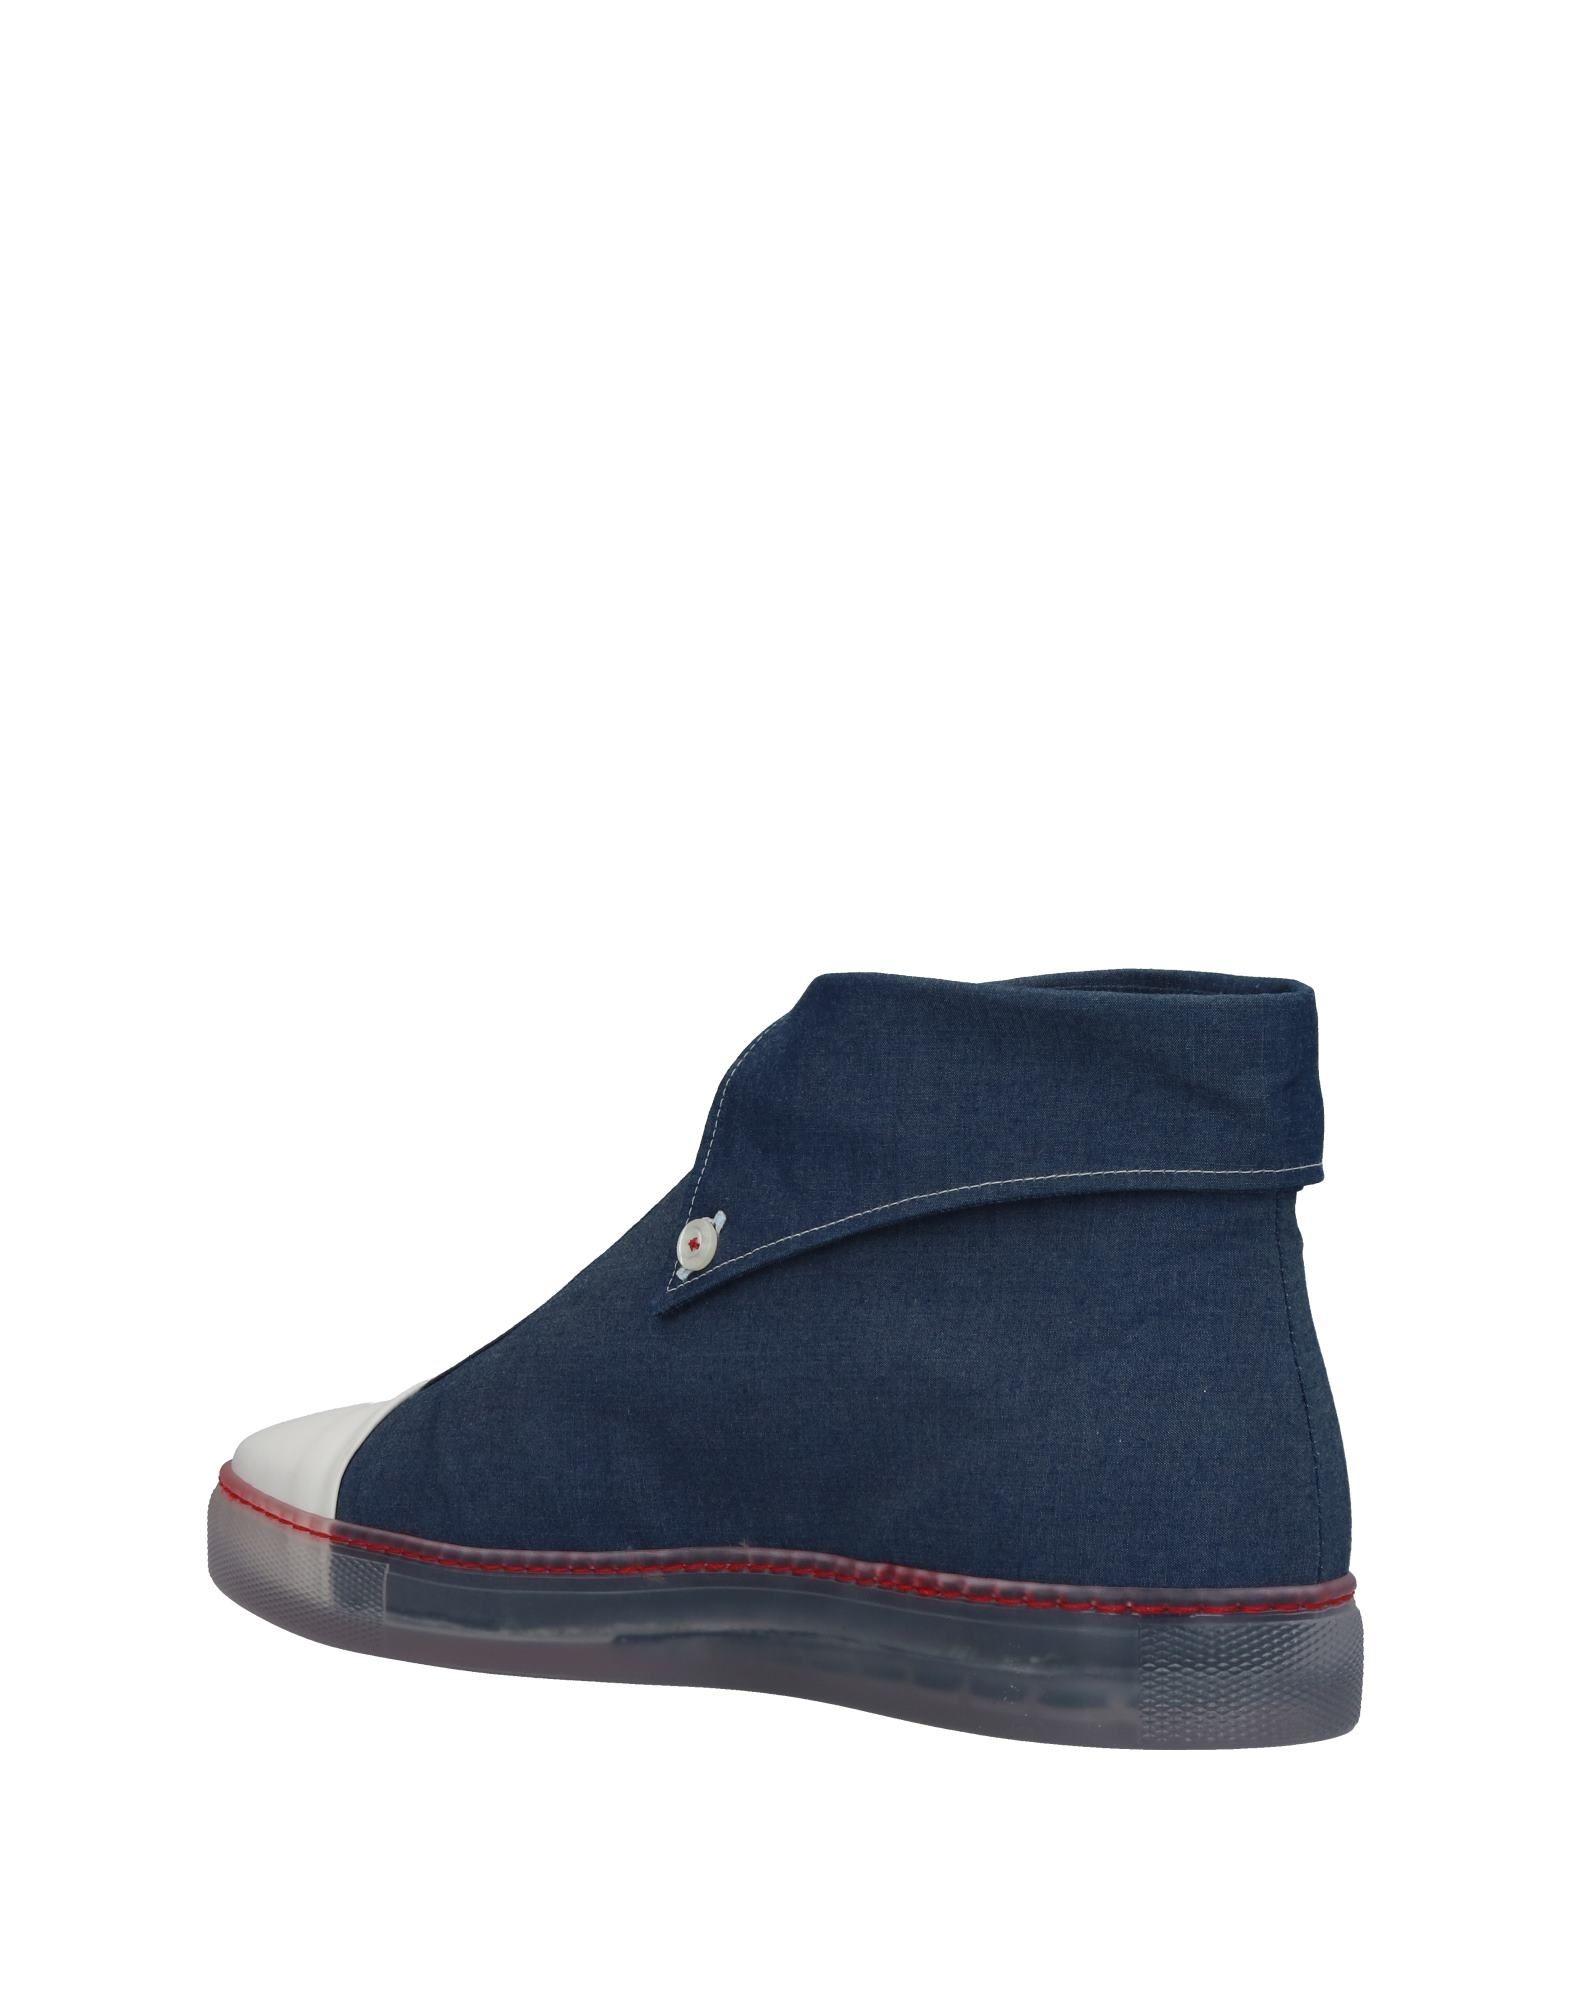 11370036IV Sciuscert Sneakers Herren  11370036IV  Heiße Schuhe 7a1a80